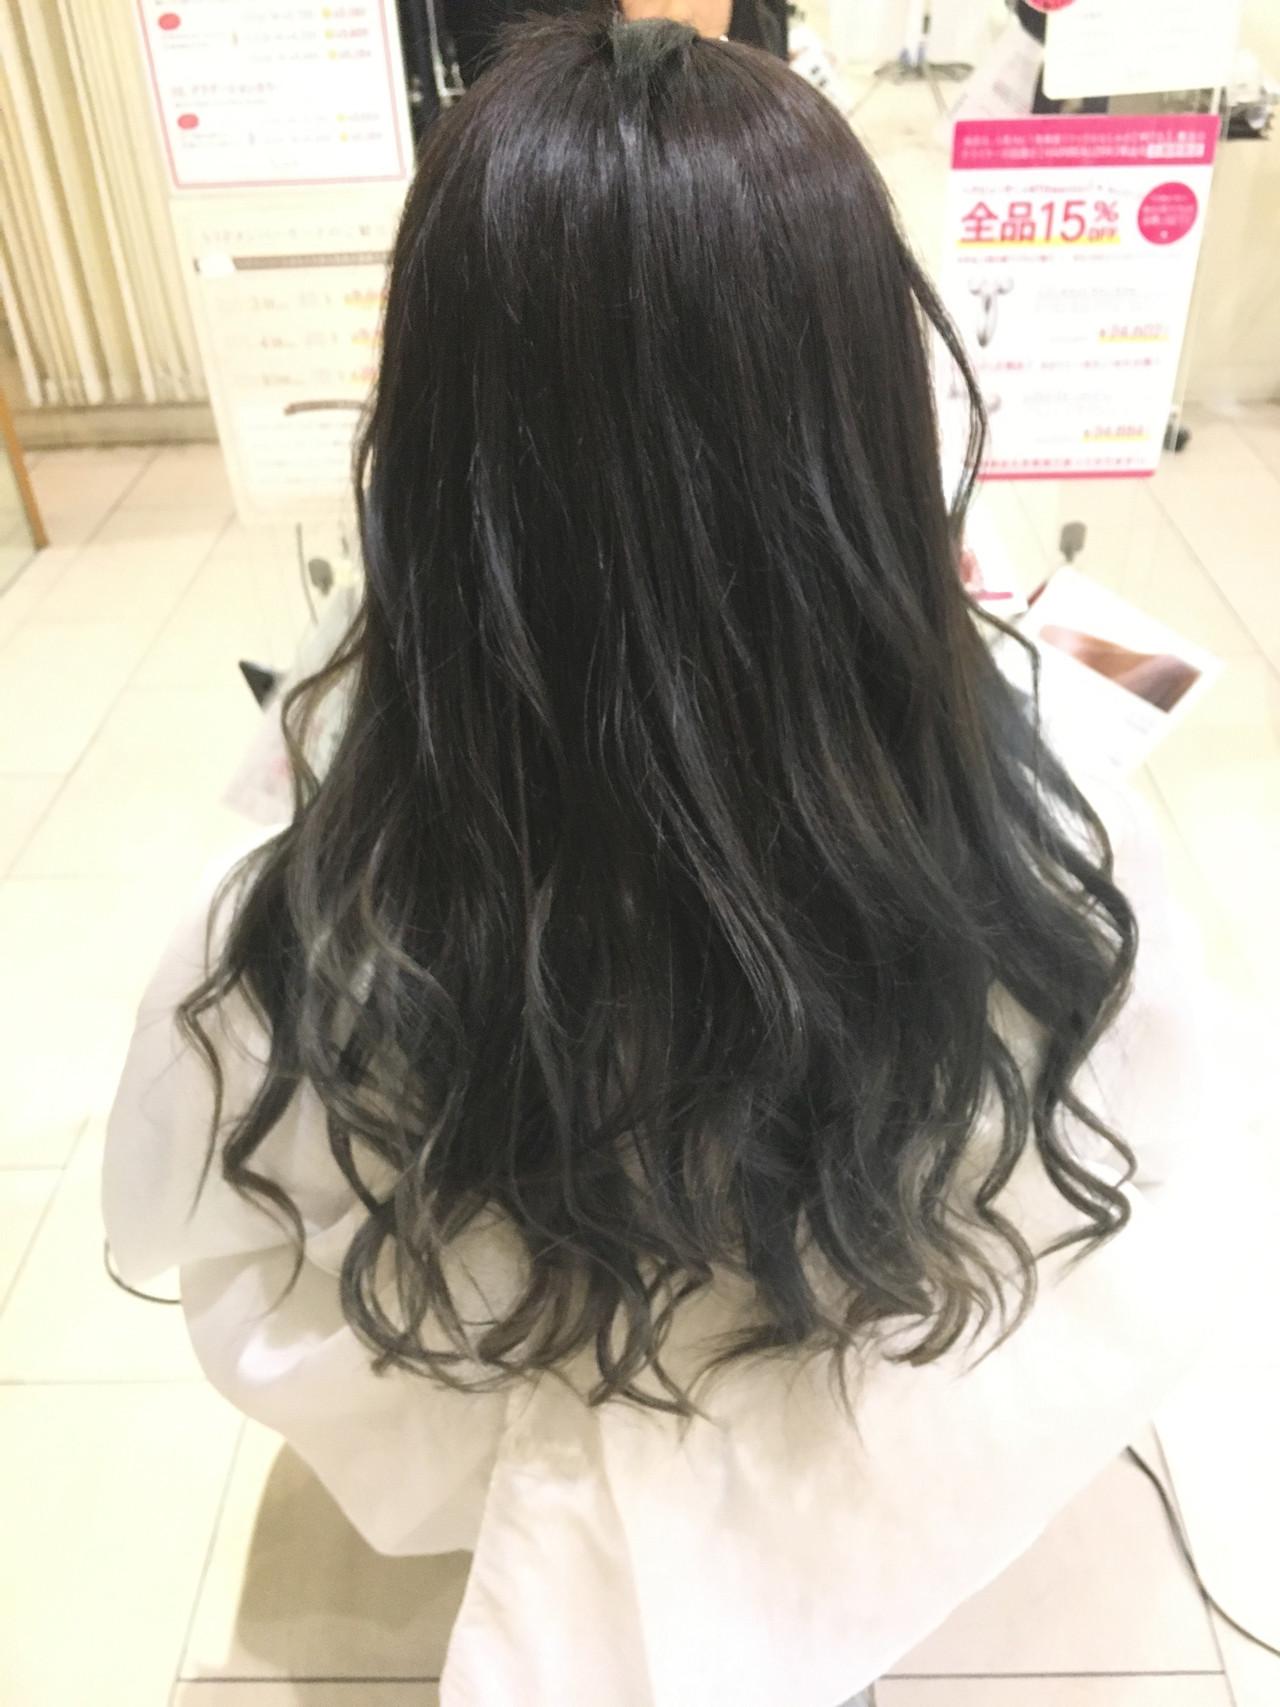 オフィス 黒髪 モード セミロング ヘアスタイルや髪型の写真・画像